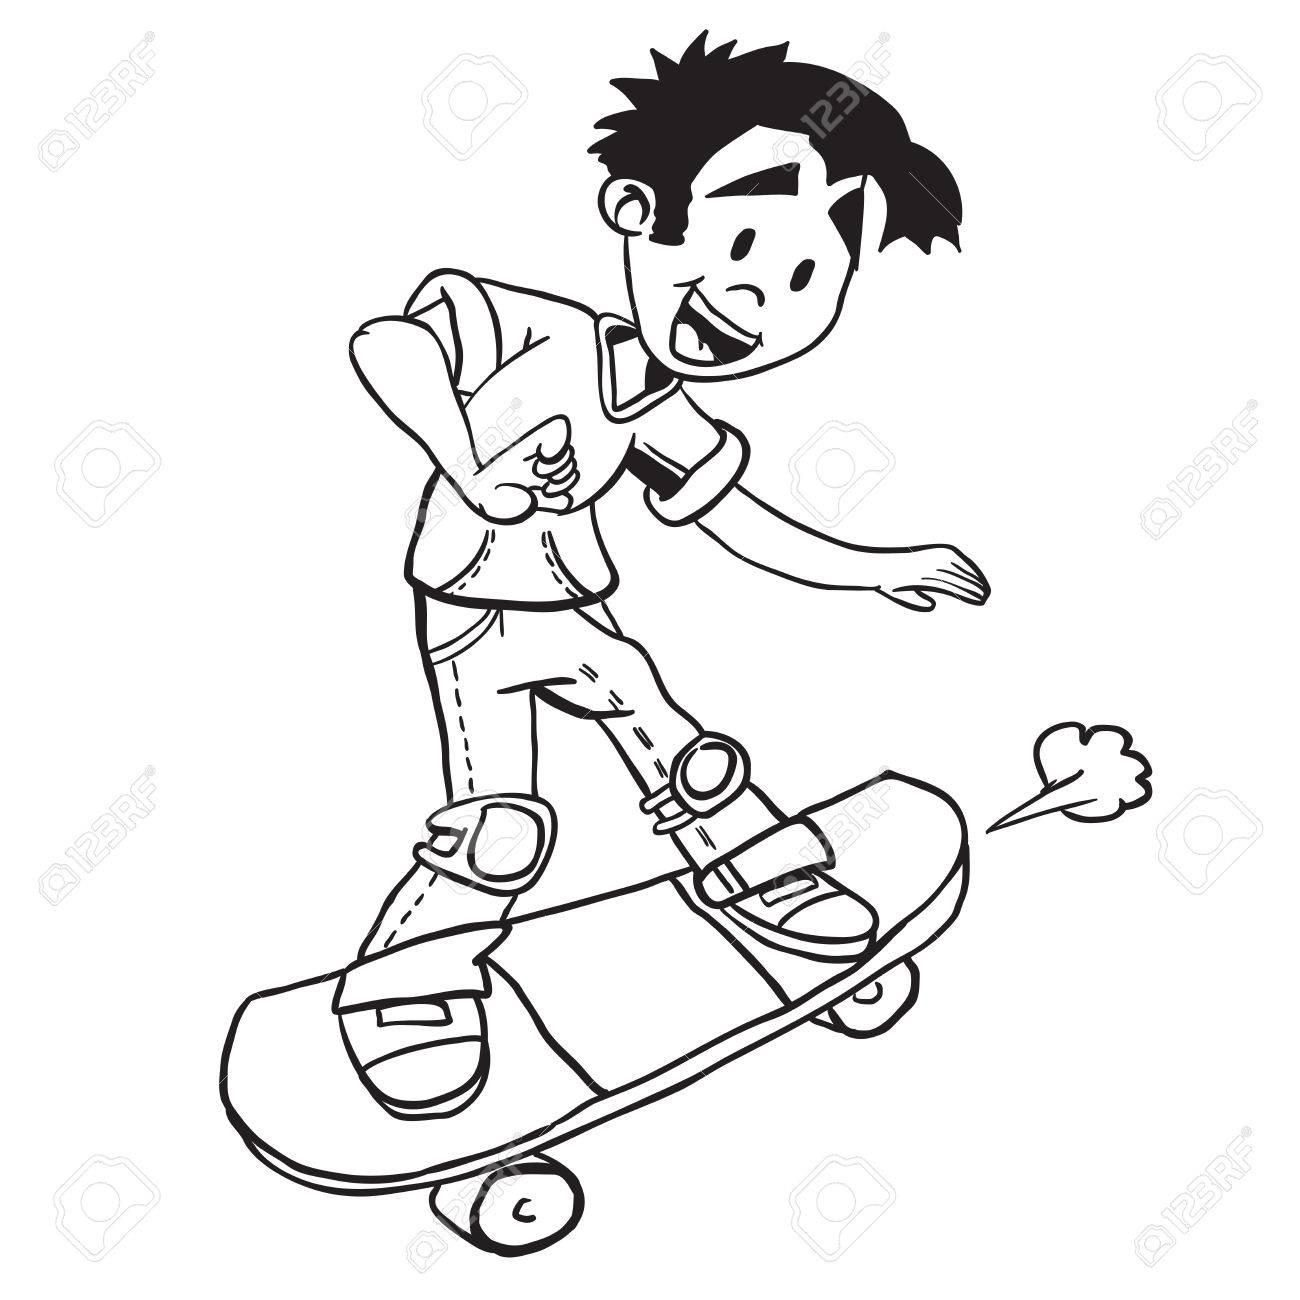 Skater Boy Drawing At Getdrawings